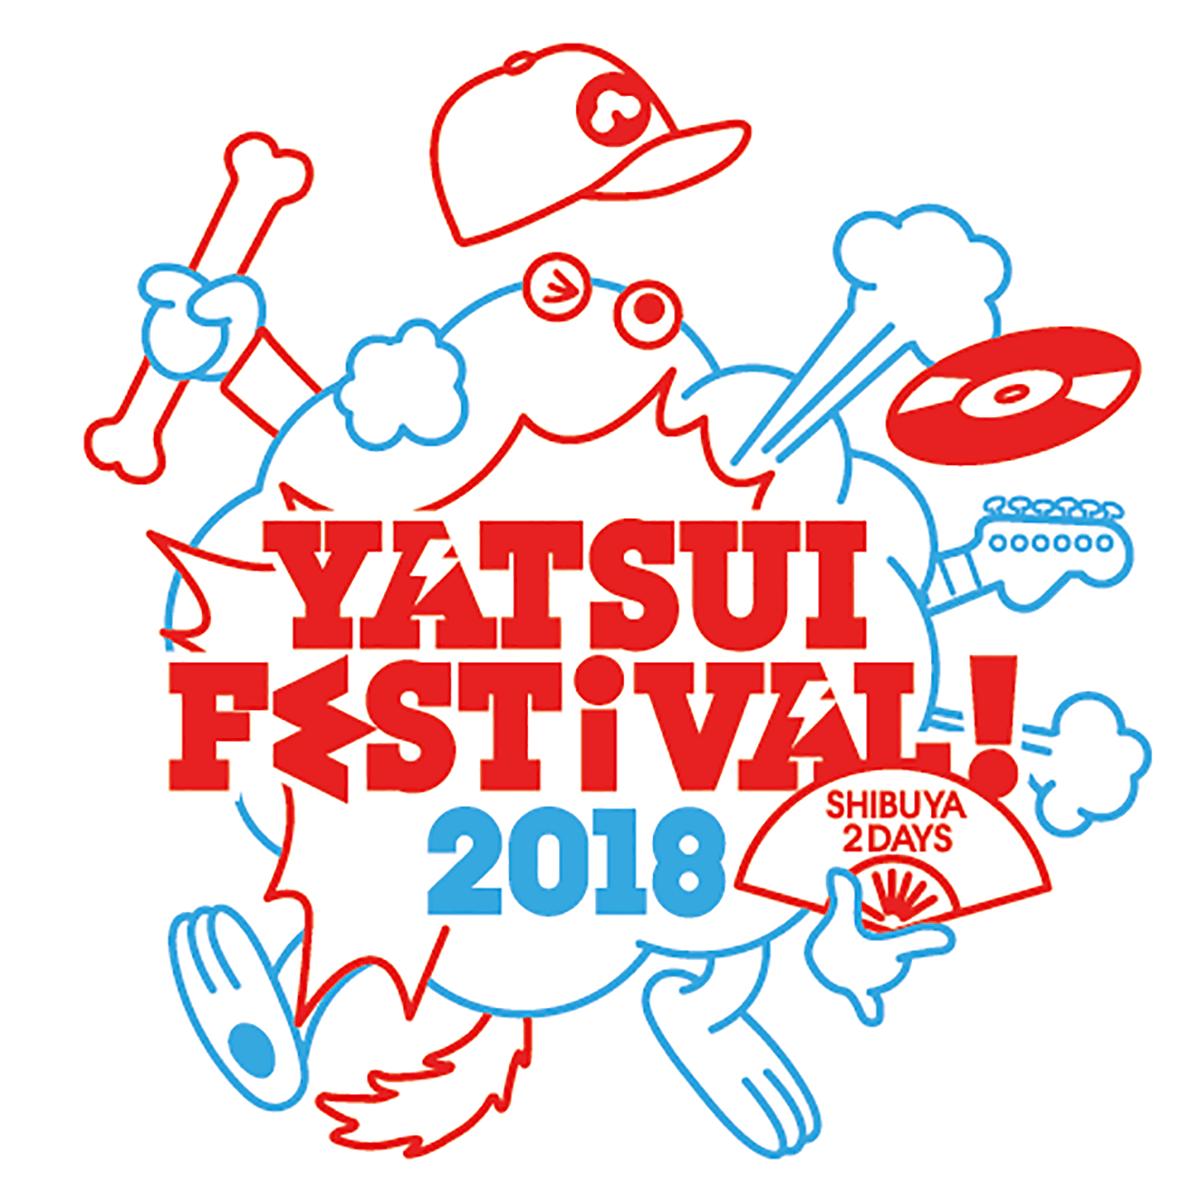 渋谷エリア最大級イベント!総勢323組のアーティストが出演する、やついフェス2018が開催! 0613_yatsuifes2018_event_002